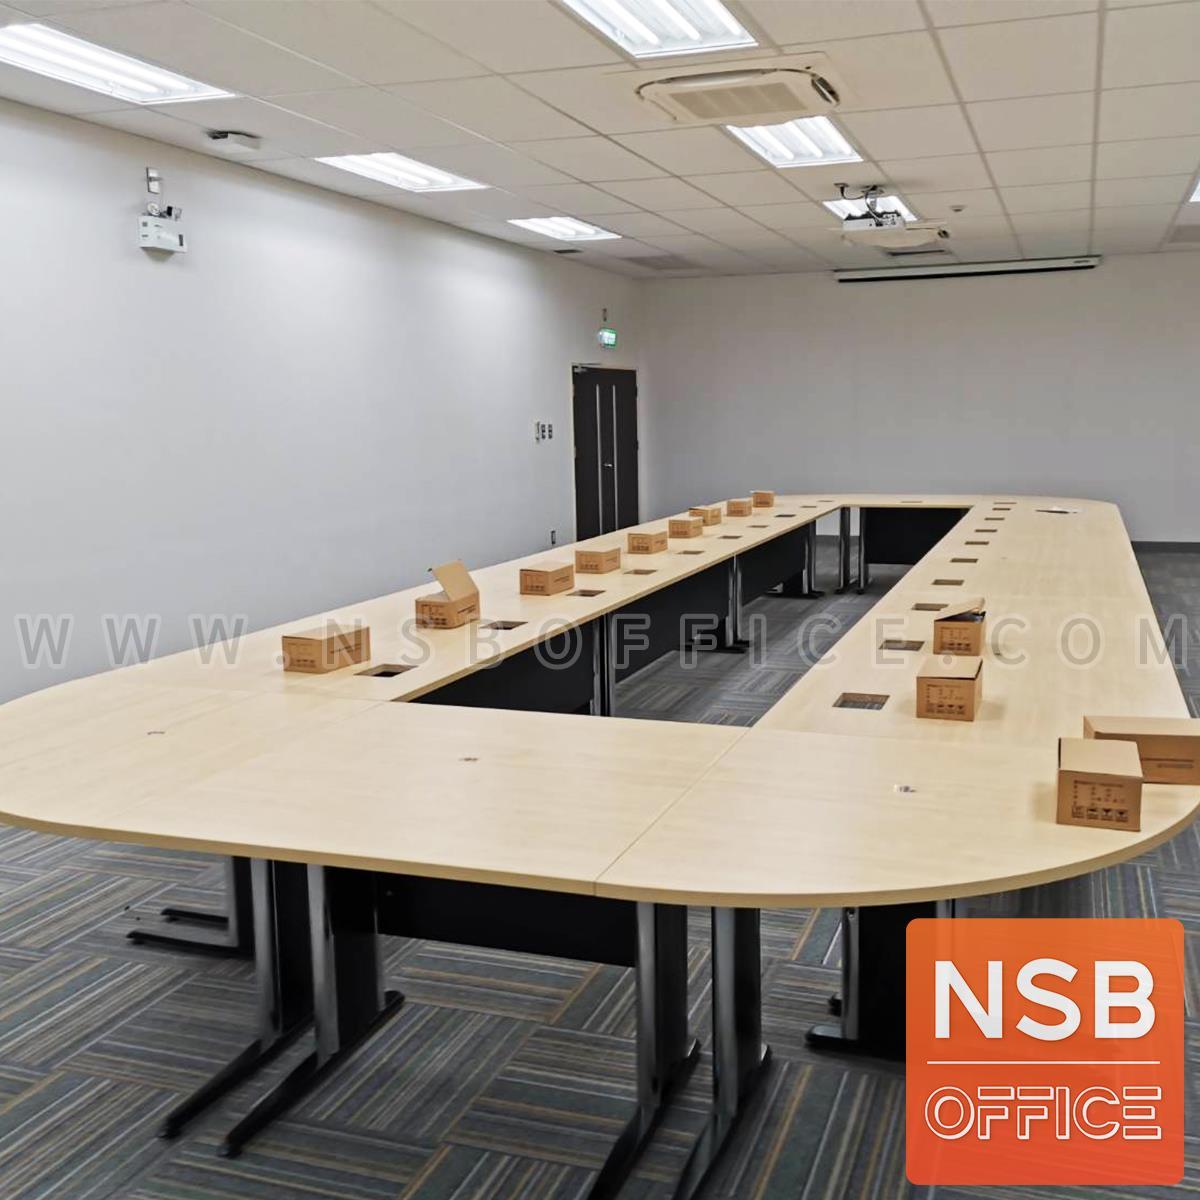 โต๊ะประชุมตรง รุ่น Oracle  ขนาด 80W ,120W ,150W ,180W ,210W ,240W cm.  พร้อมบังตาไม้ ขาเหล็กตัวแอล